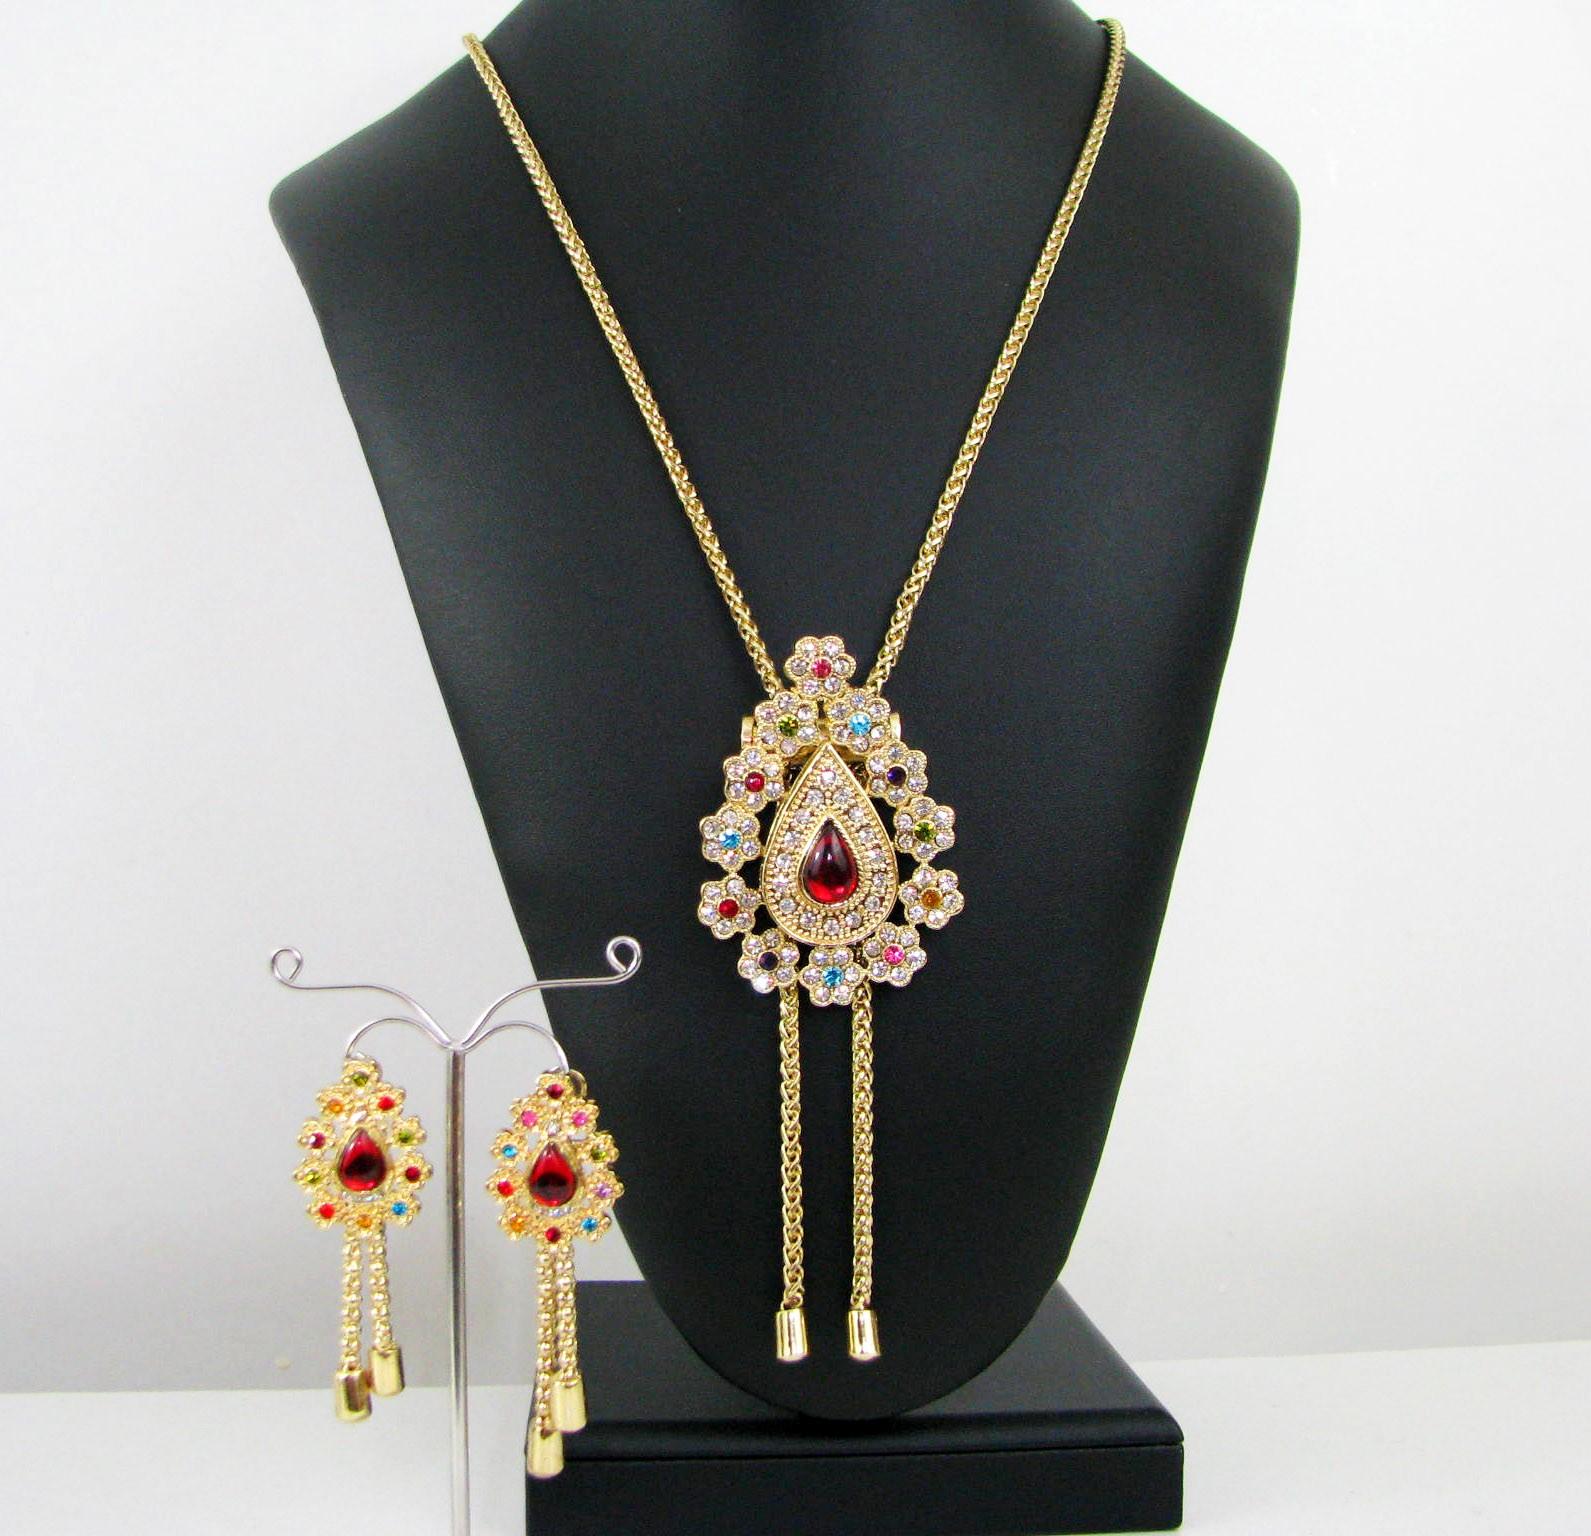 parure oriental bijoux mariage berbres pas cher pour femme - Parure Mariage Oriental Pas Cher